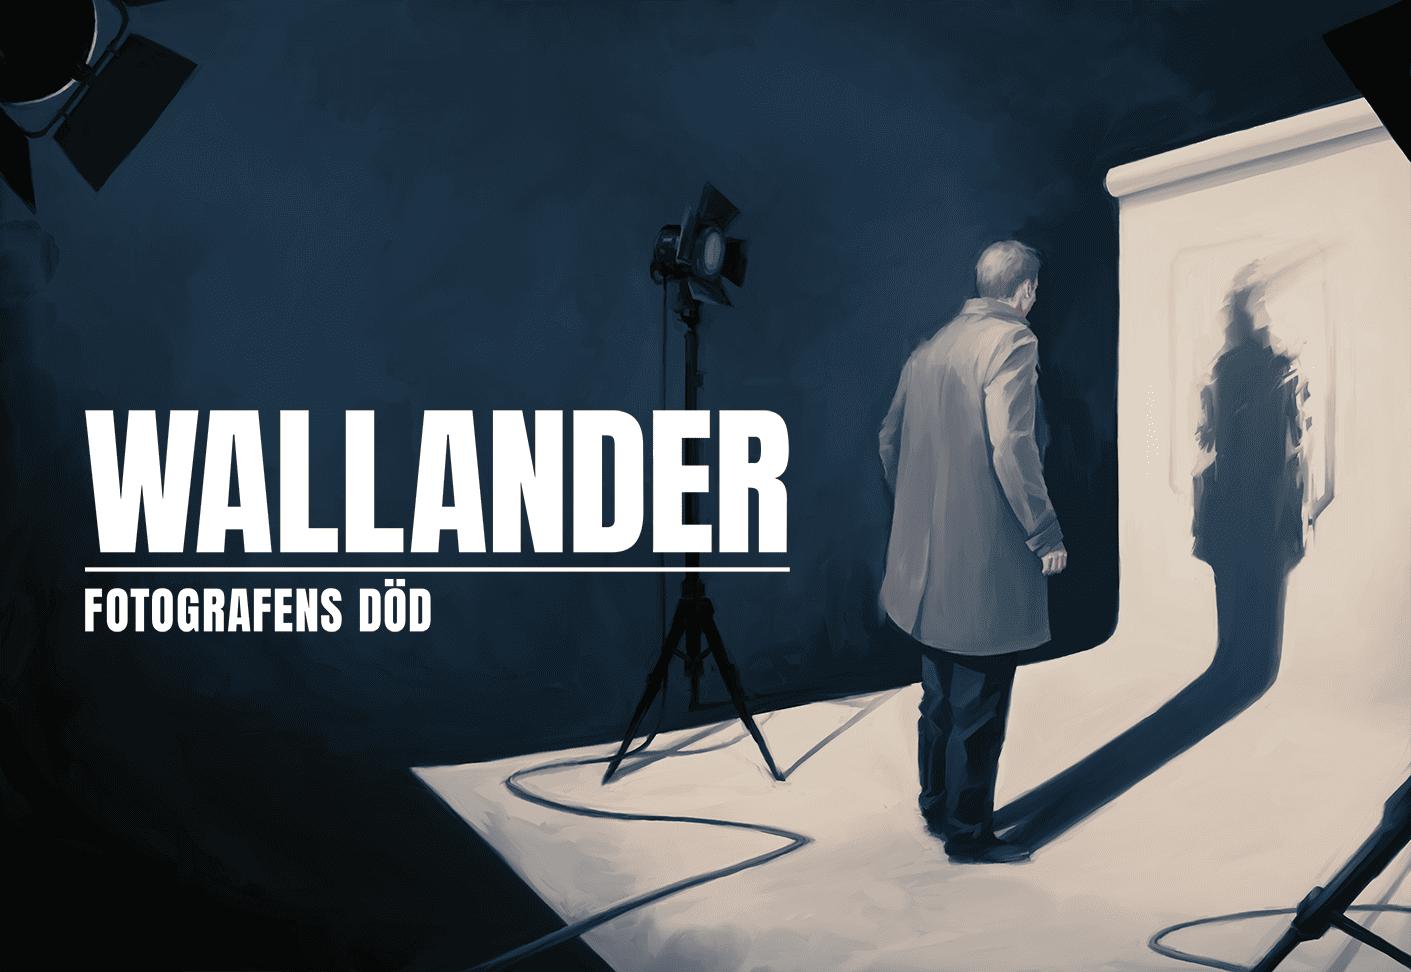 Wallander_BlogBanner